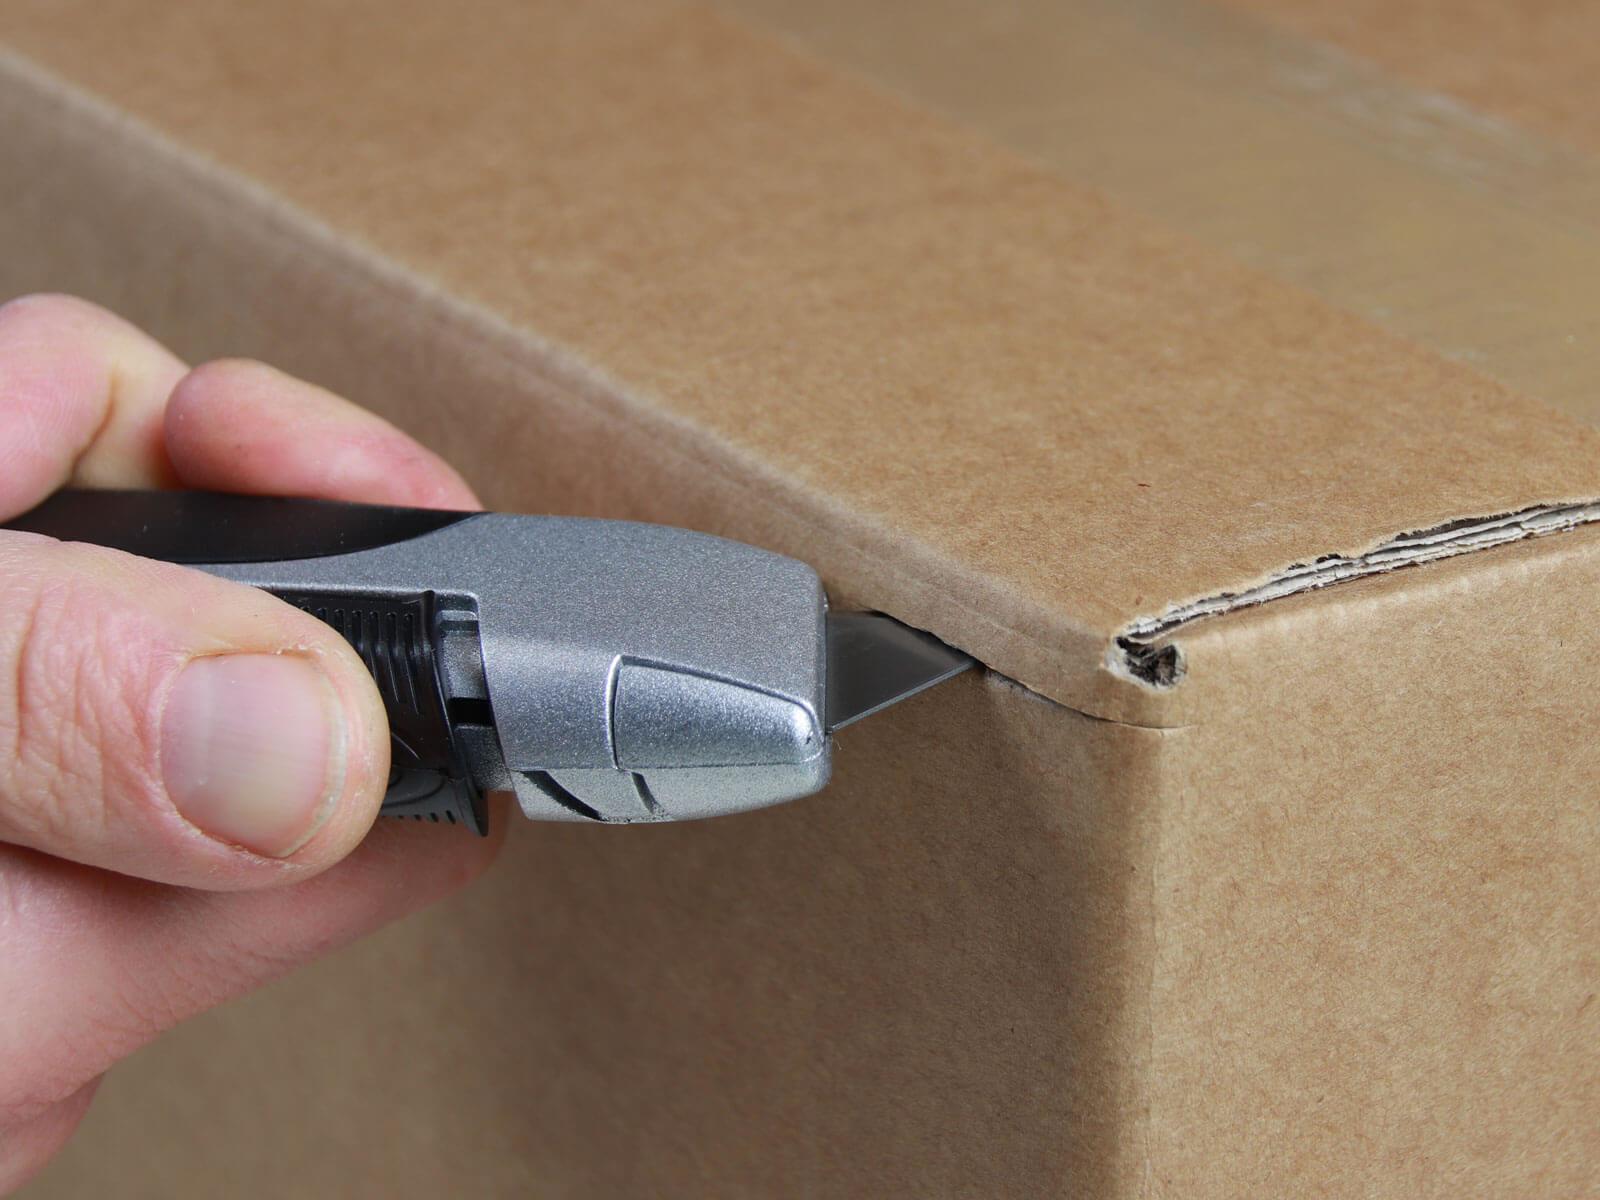 U004 Sicherheitsmesser vollautomatischer Klingenrückzug Karton-schneiden abdeckeln CURT-tools